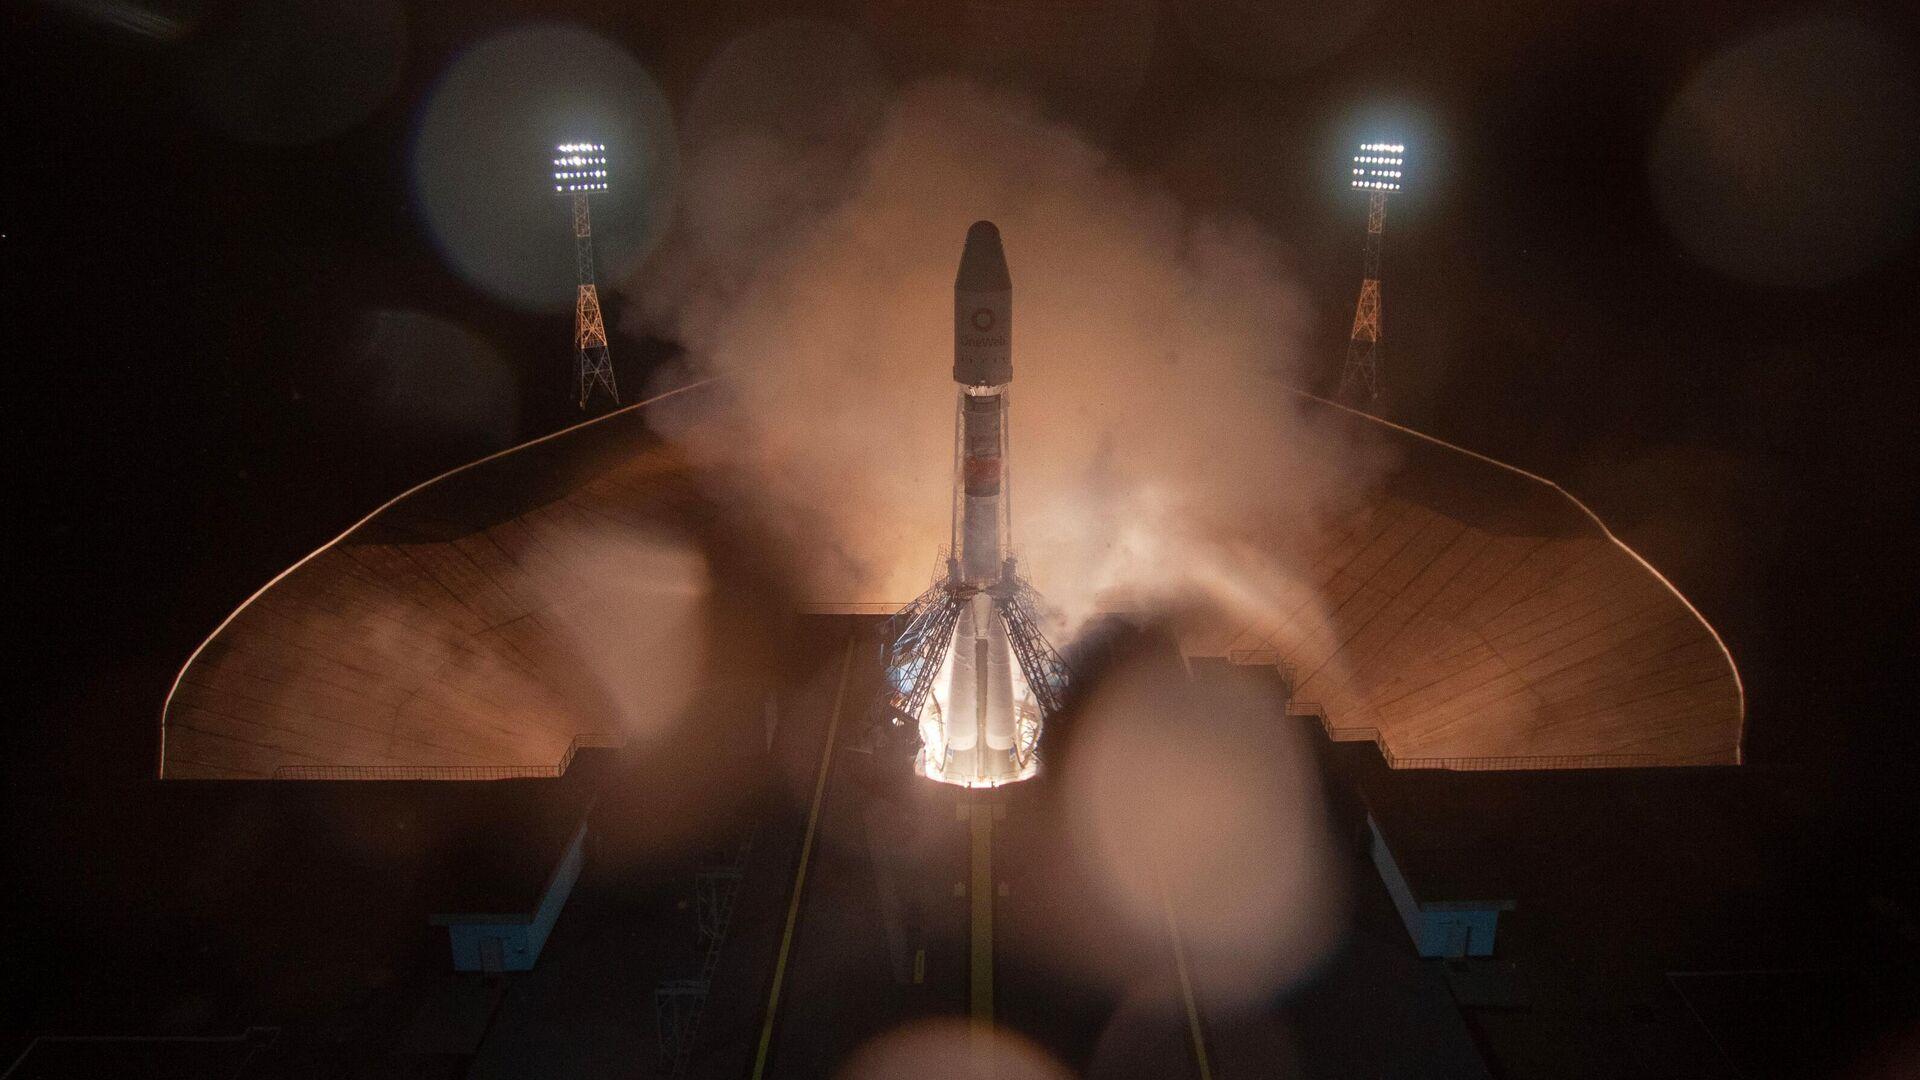 Запуск ракеты-носителя Союз-2.1б с разгонным блоком Фрегат и 36 новыми космическими аппаратами компании OneWeb в рамках миссии No 47 с космодрома Восточный - РИА Новости, 1920, 22.08.2021